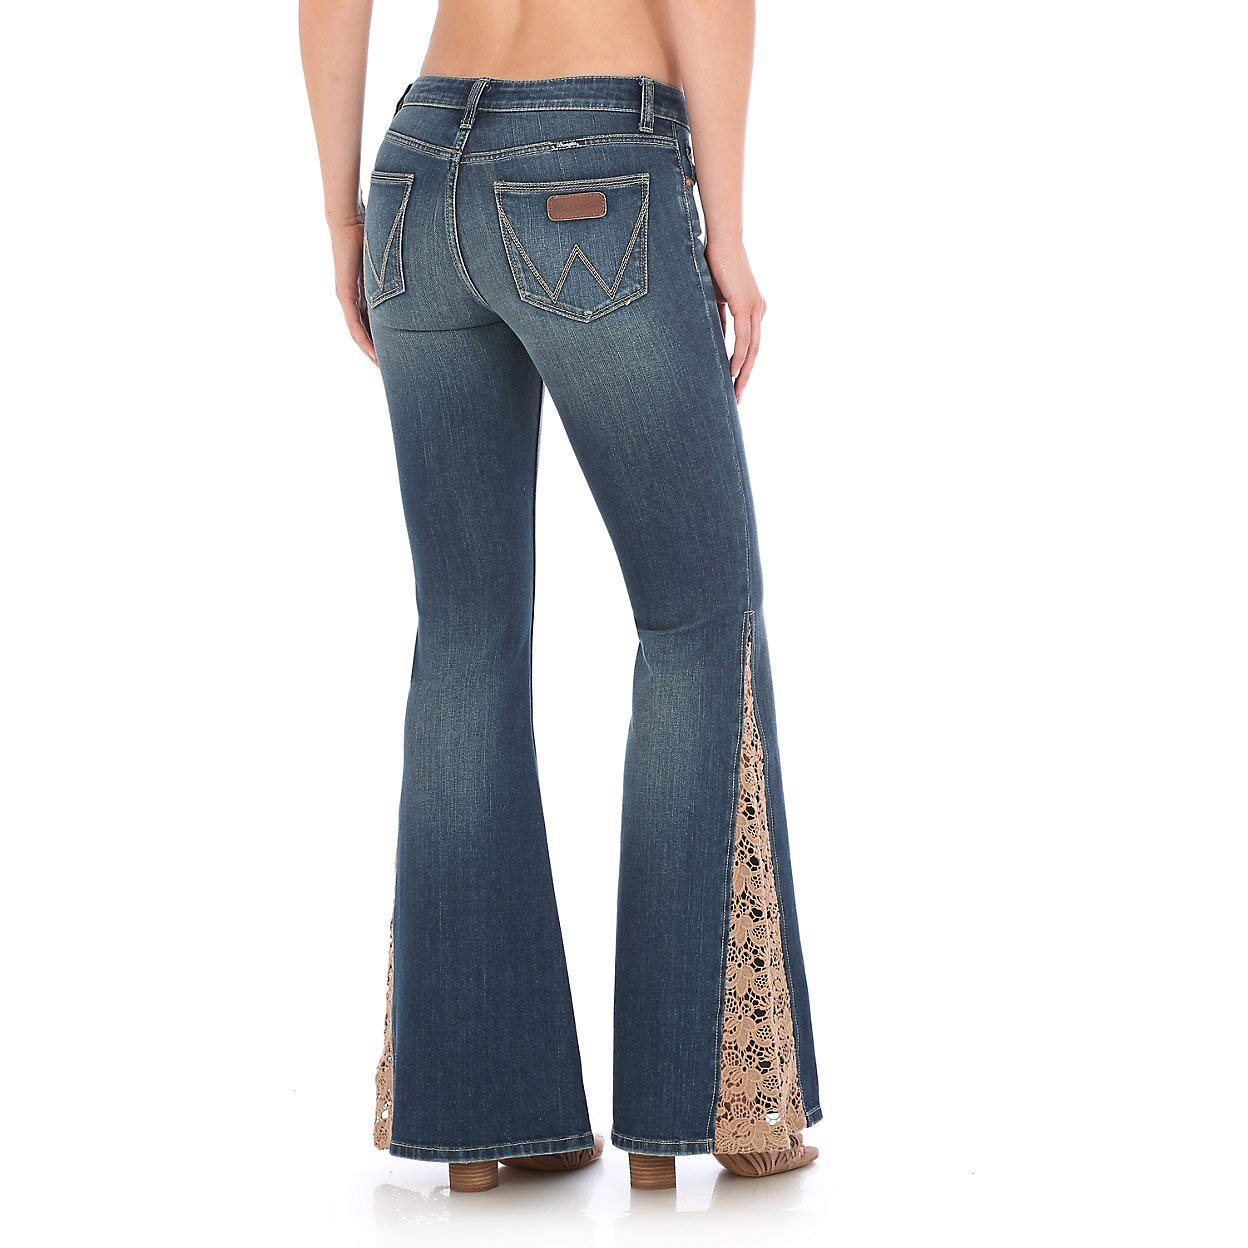 Wrangler Retro Lace Flare Jean